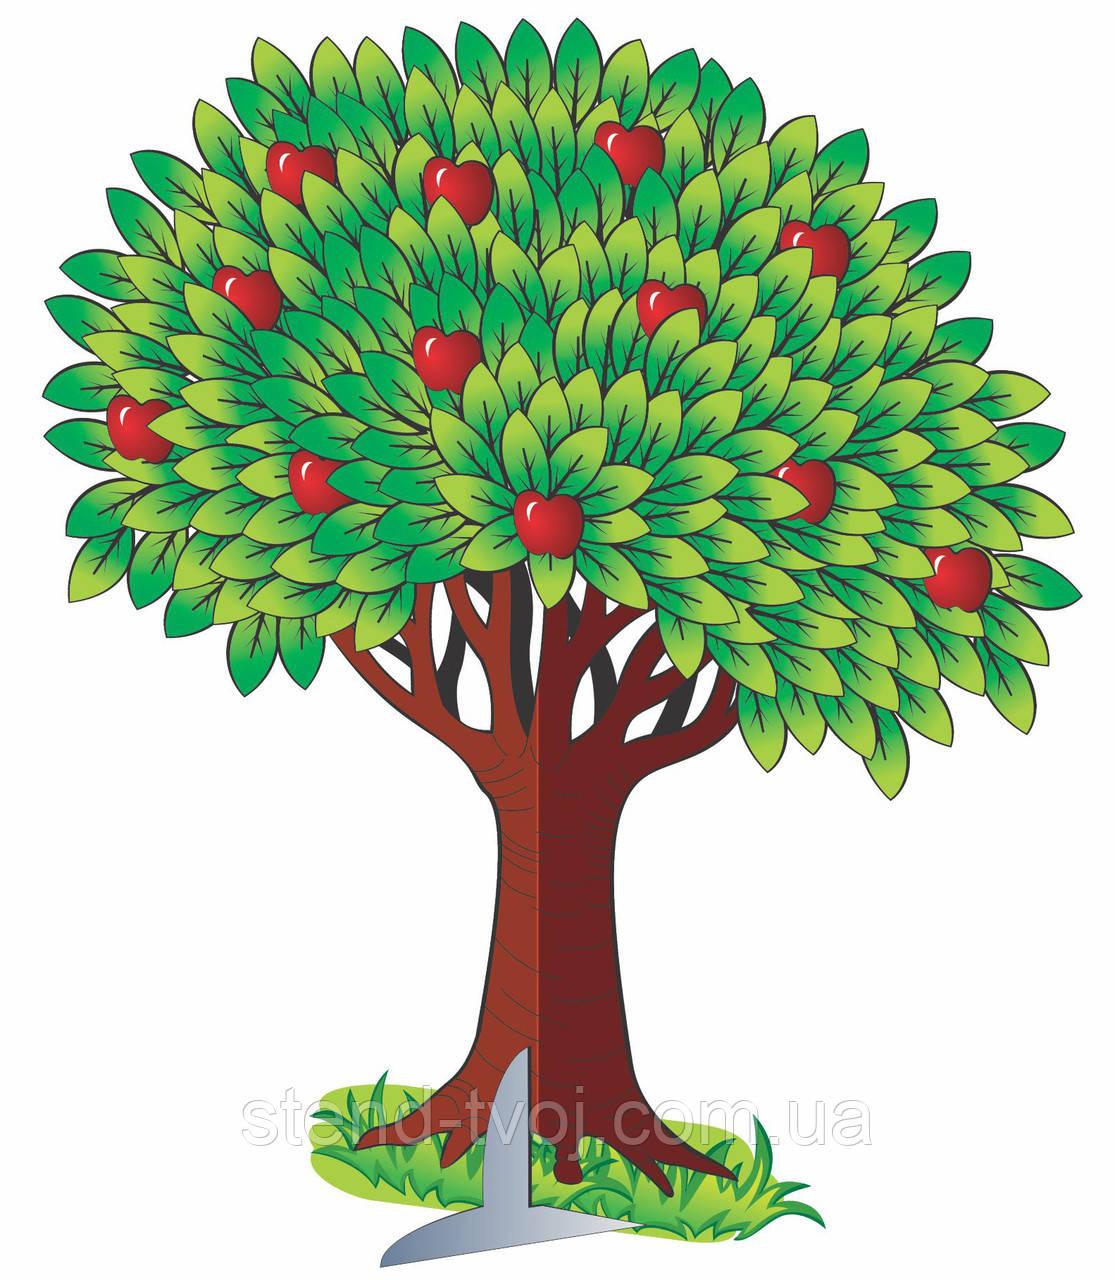 """Купить Декорация """"Дерево с яблоками"""" недорого в Украине ..."""